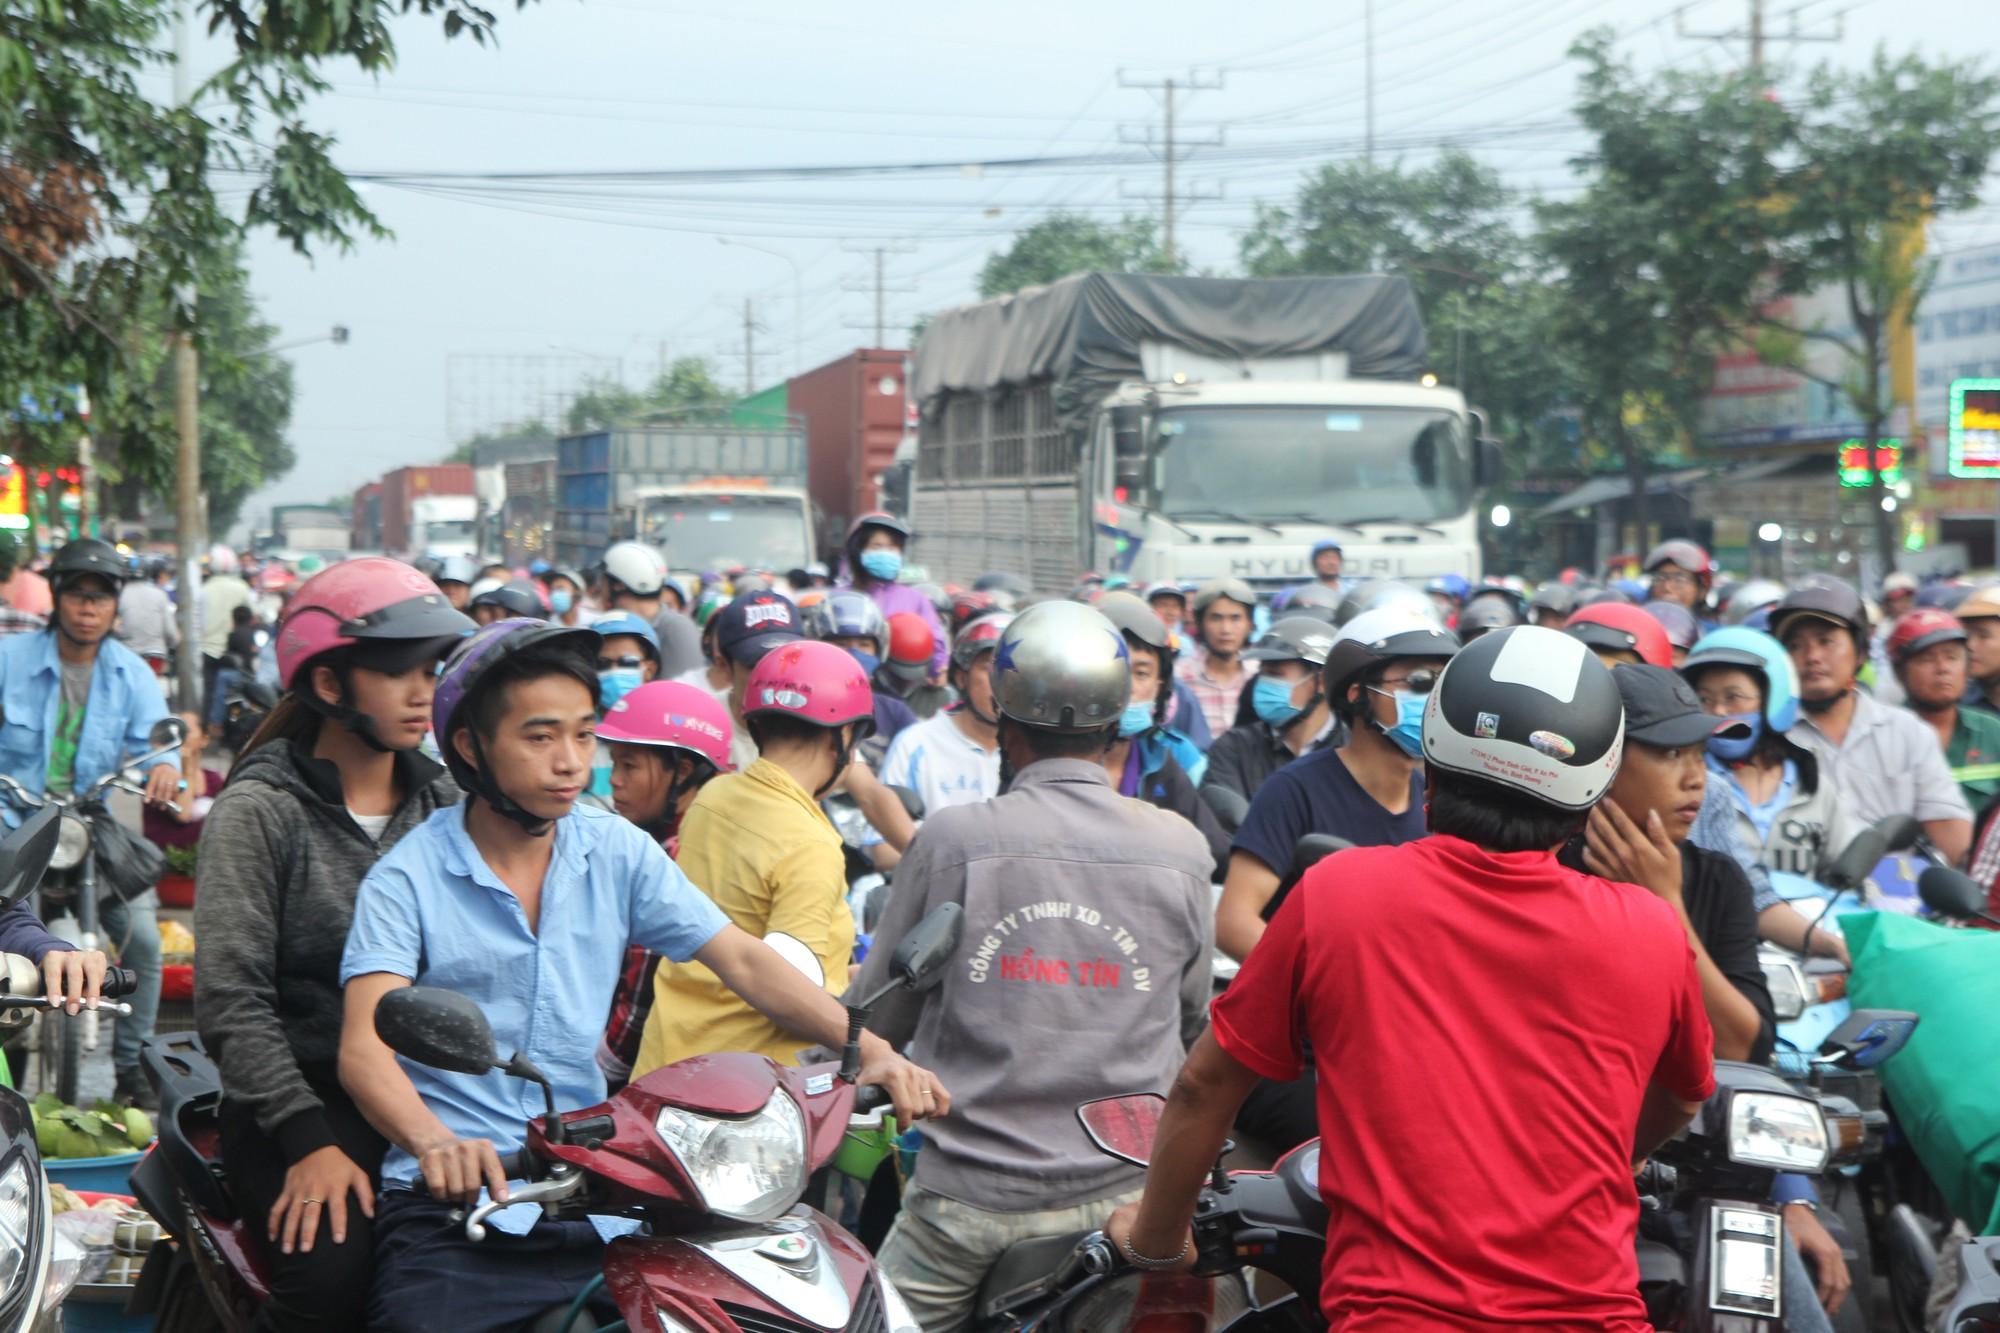 Hàng trăm phương tiện chôn chân trên đường, giao thông tê liệt - Ảnh 5.